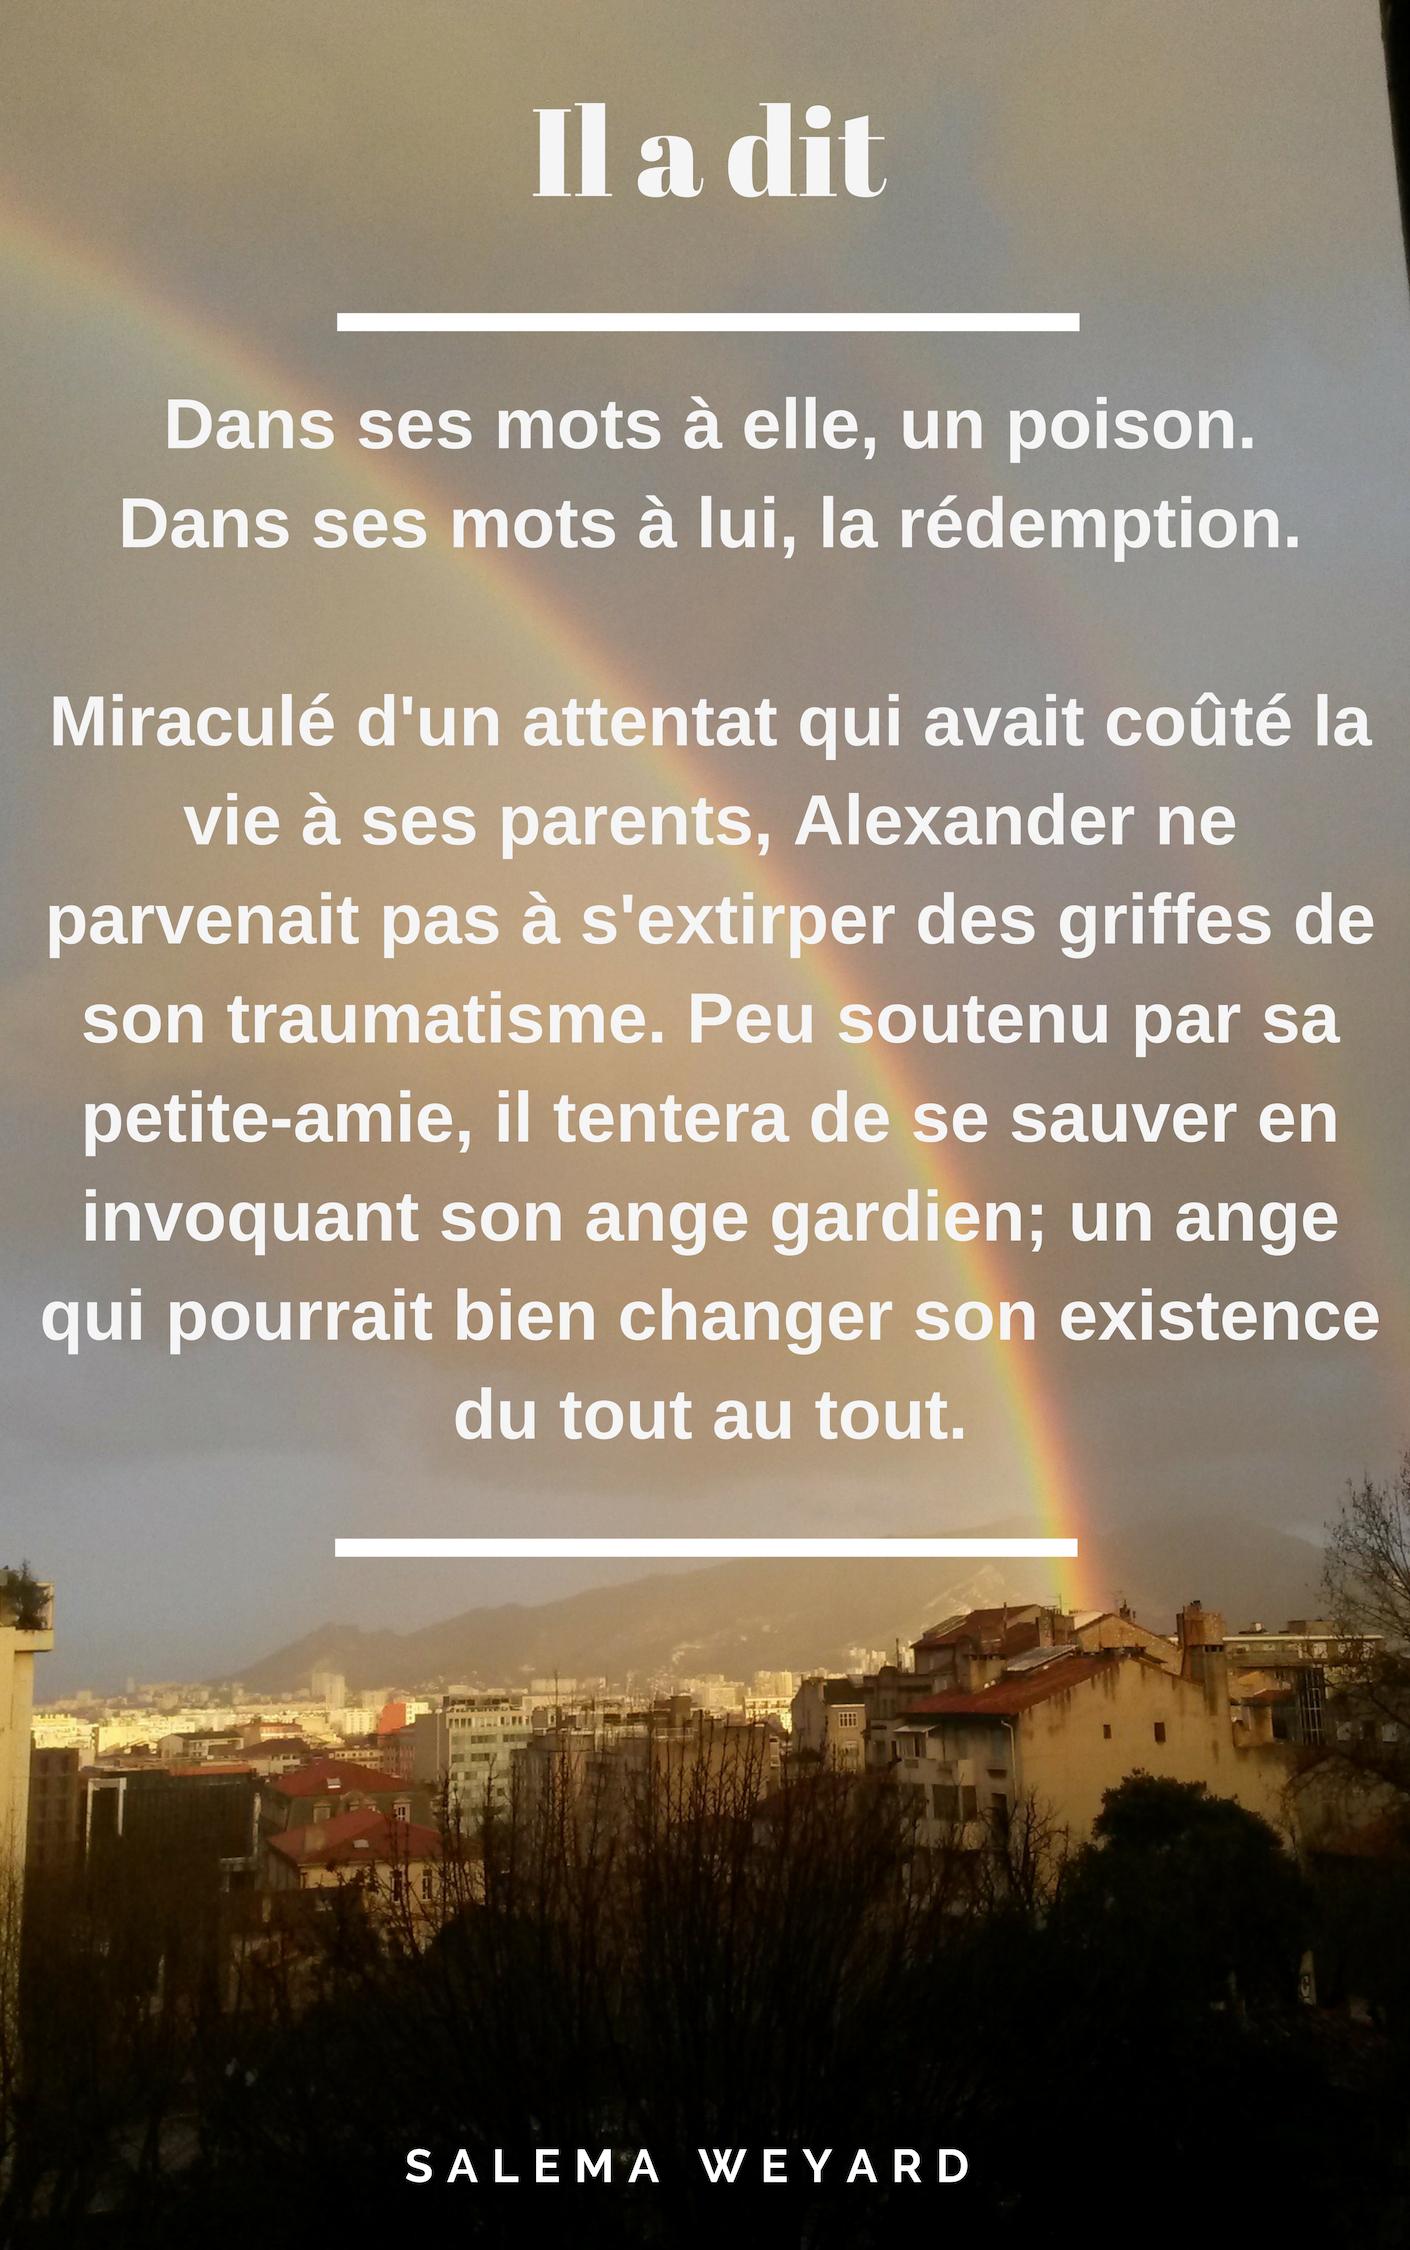 #autoédition #MM #LGBT #diversité #roman #autrice